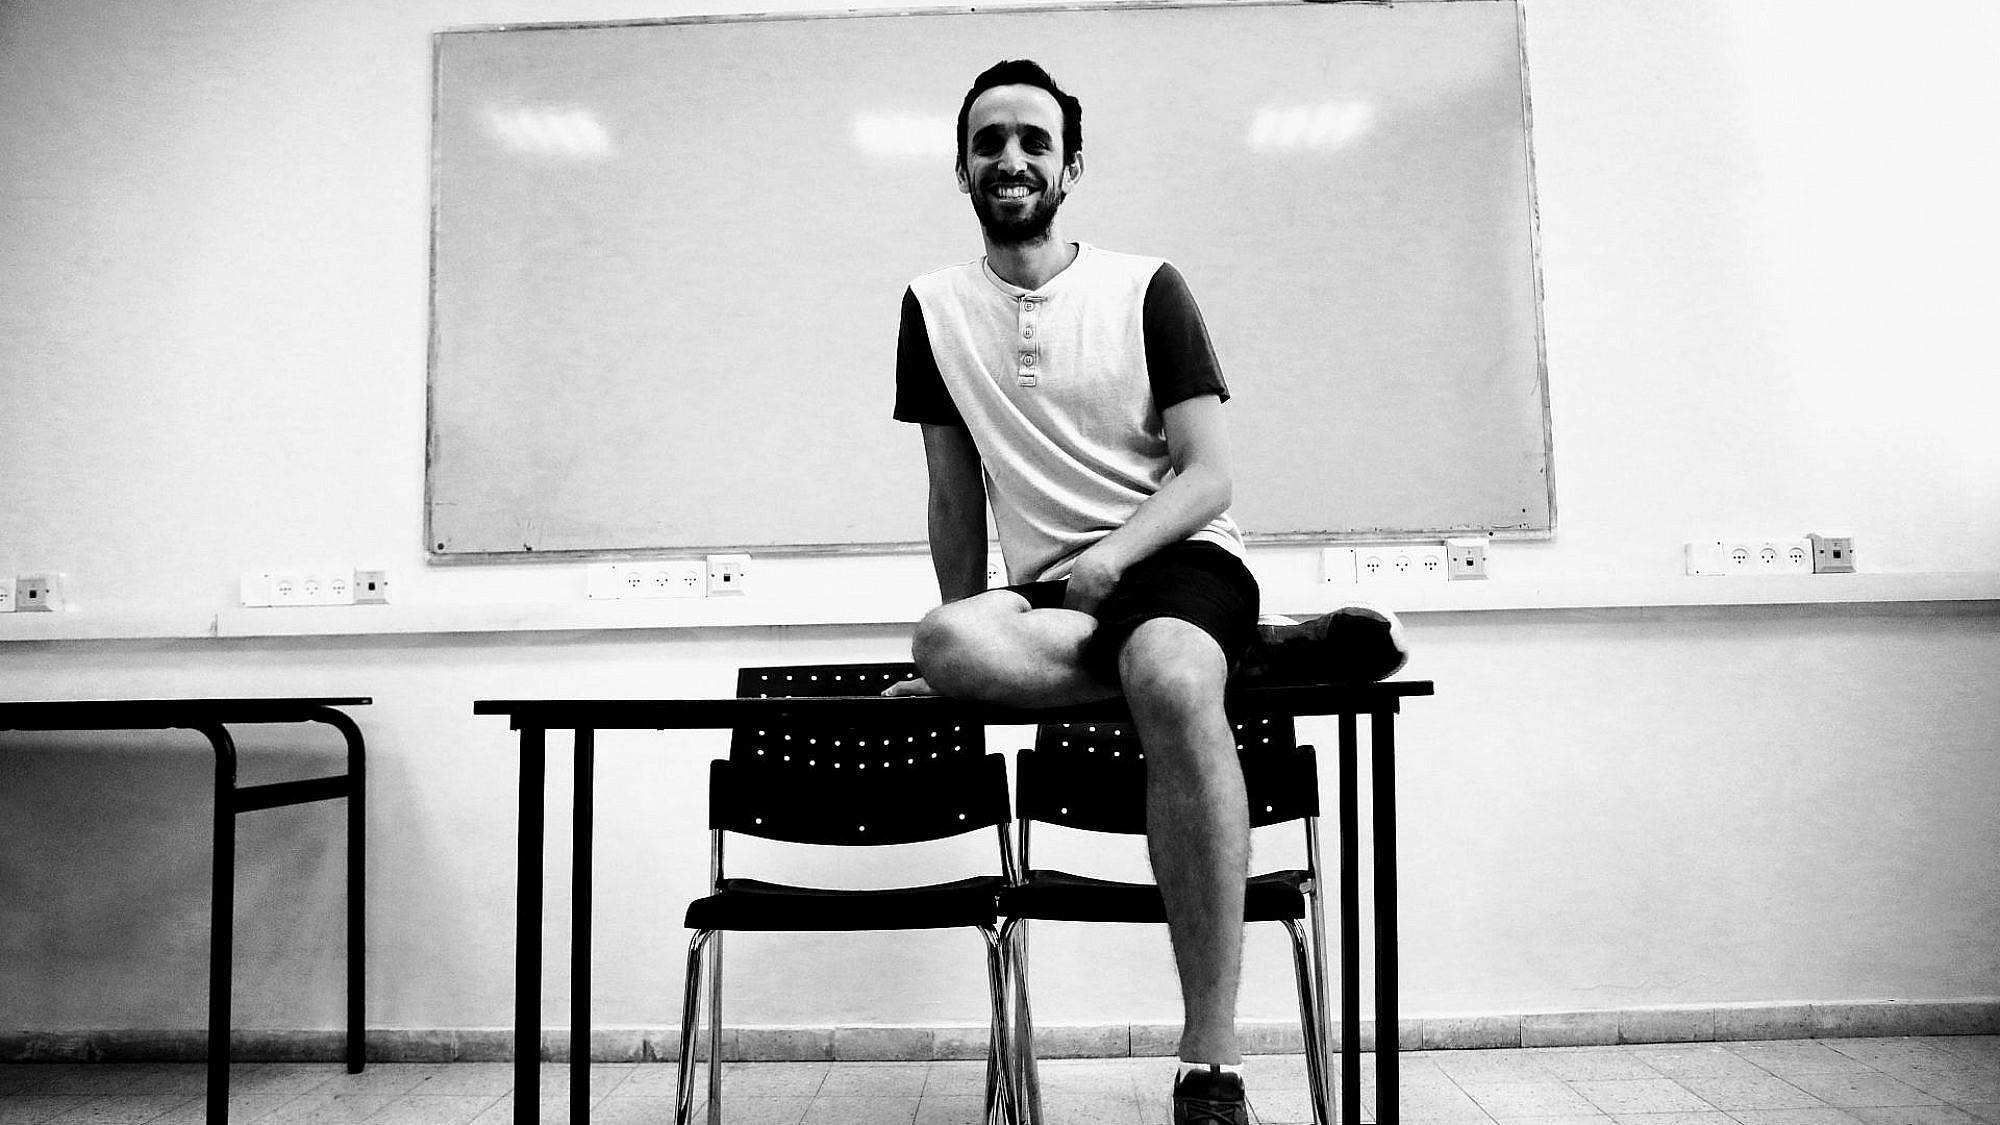 אלעד פלג (צילום: שלומי יוסף)